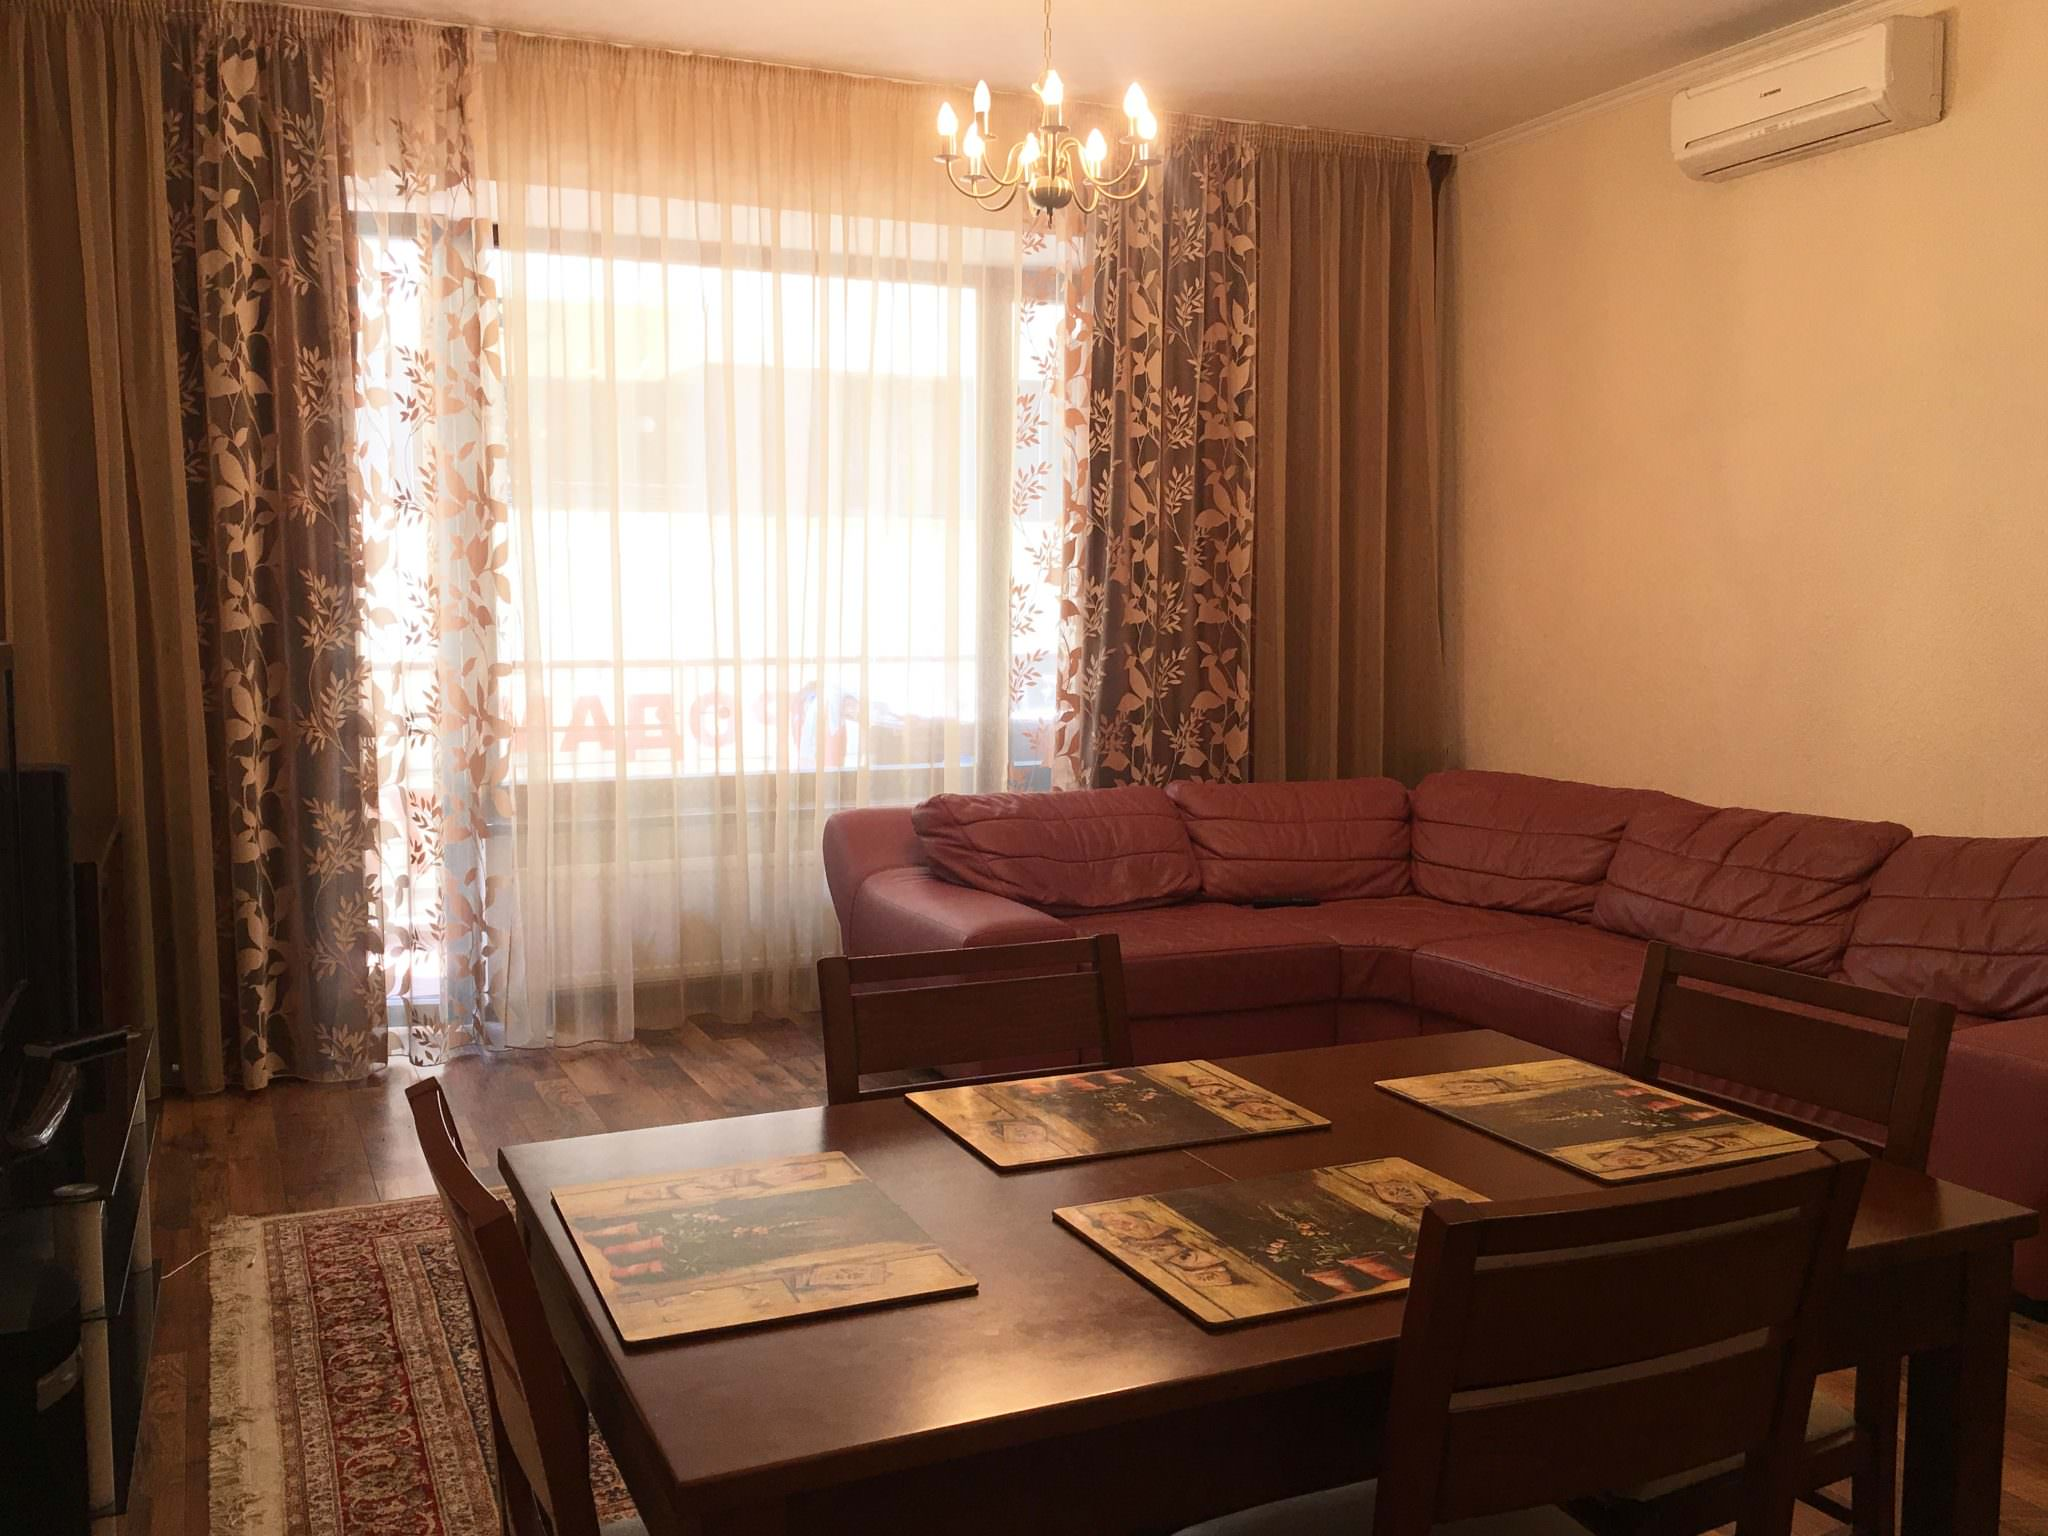 Двухкомнатная квартира в ЖК Омега. 3